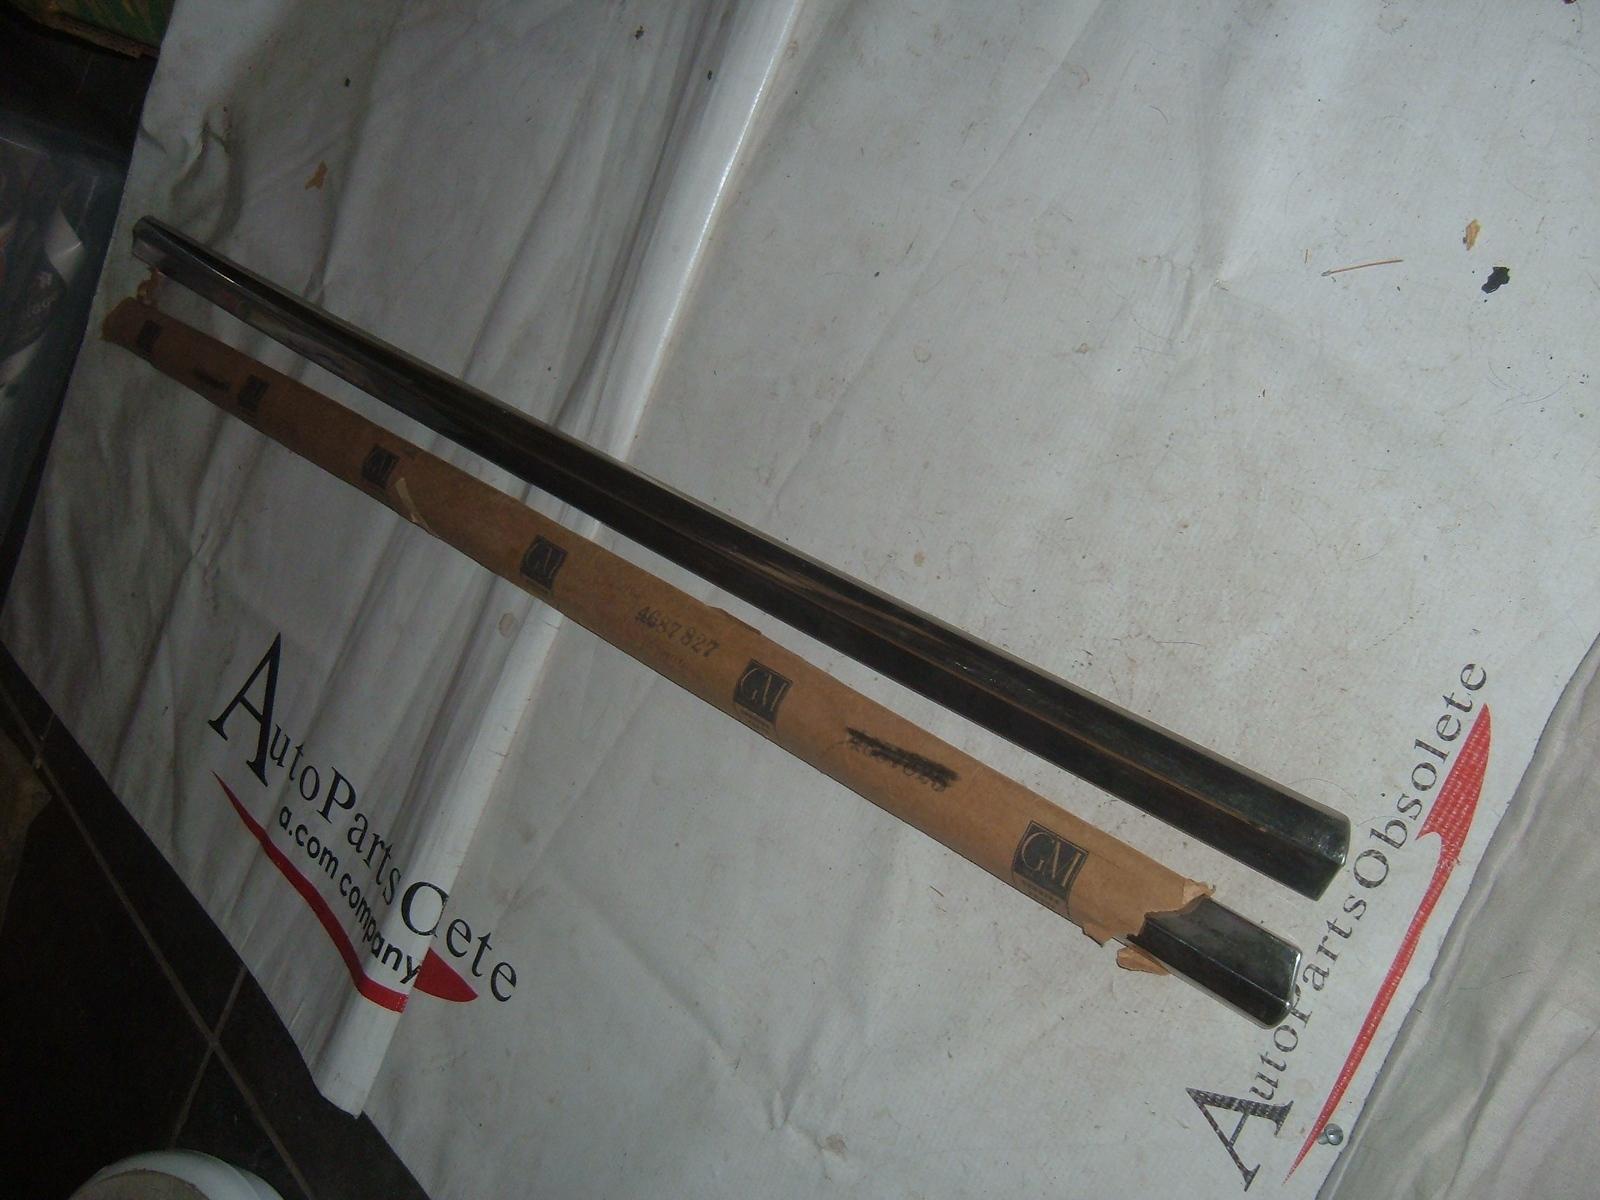 1957 cheverolet door moldings nos gm # 4687827/28 (z 4687827/8)